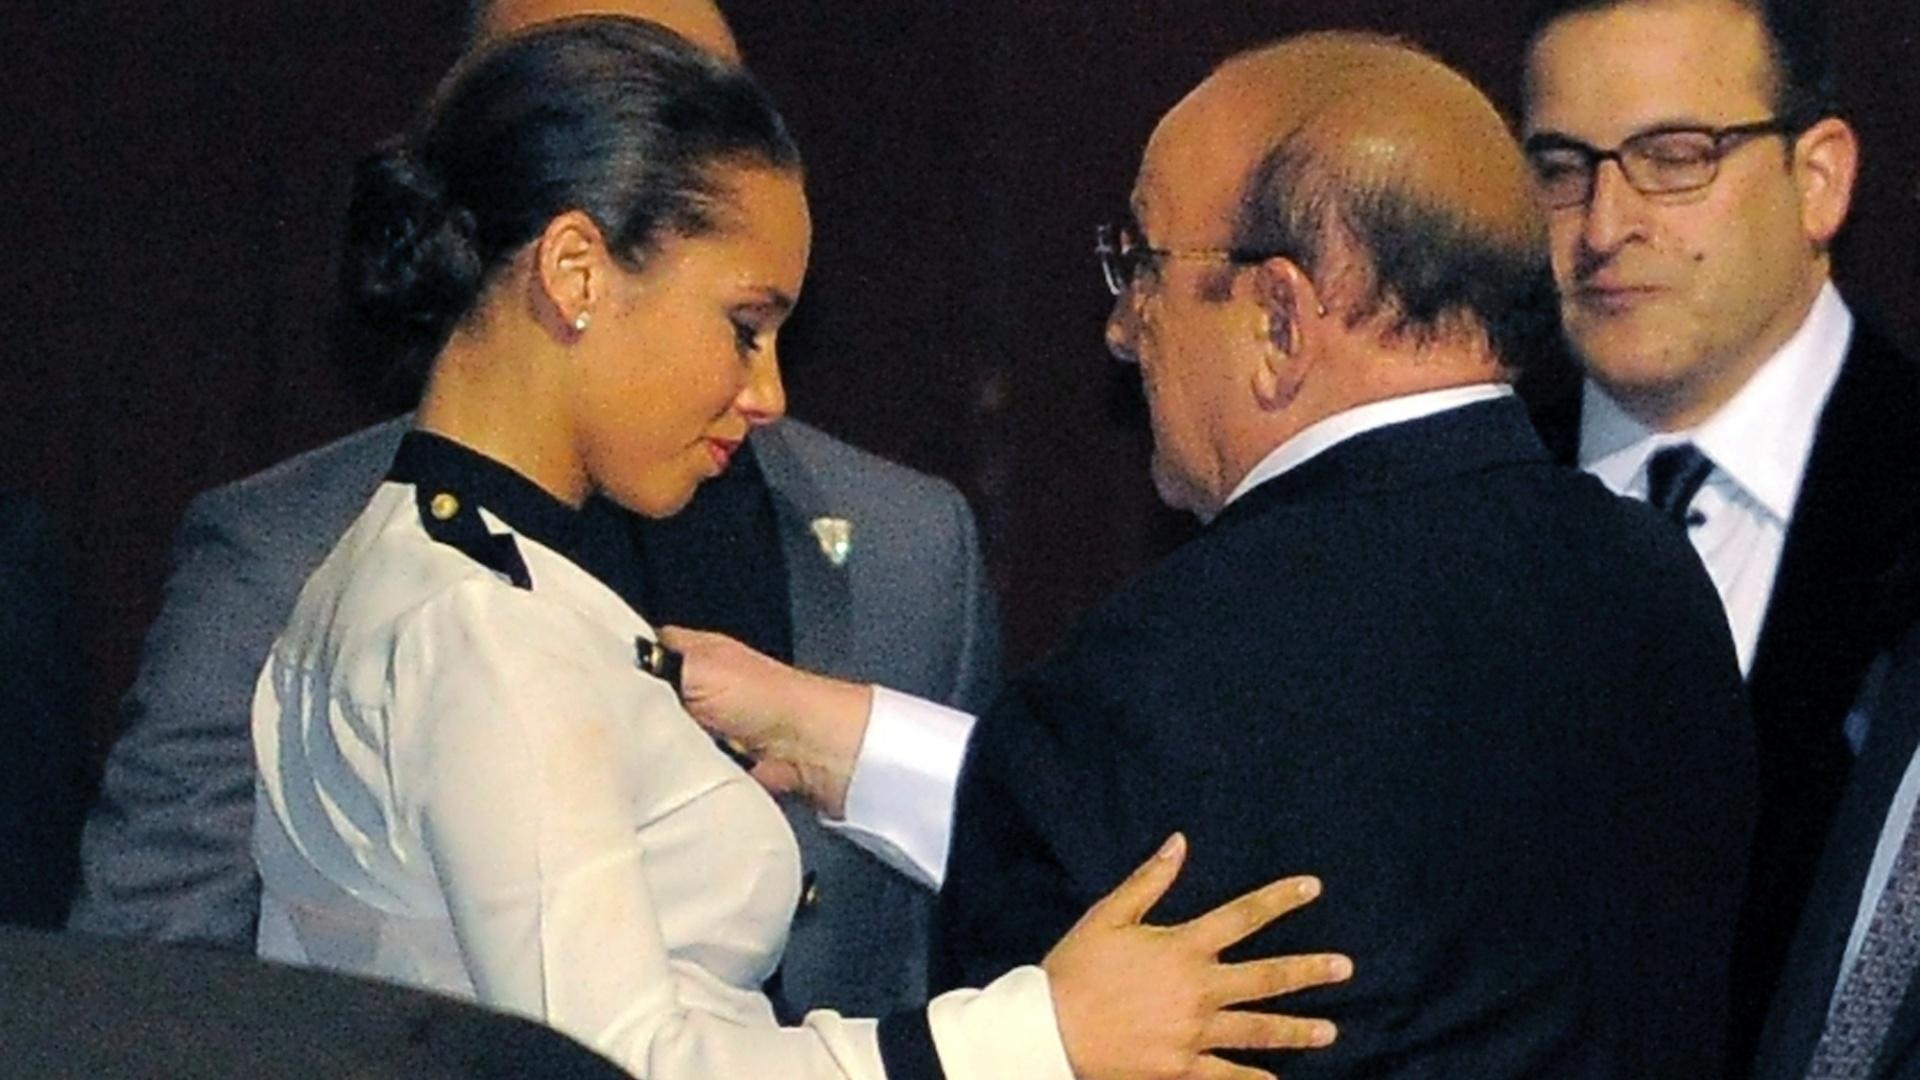 Alicia Keys abraça o produtor Clive Davis após show pré-Grammy no hotel Beverly Hilton em Los Angeles, EUA (11/2/12)